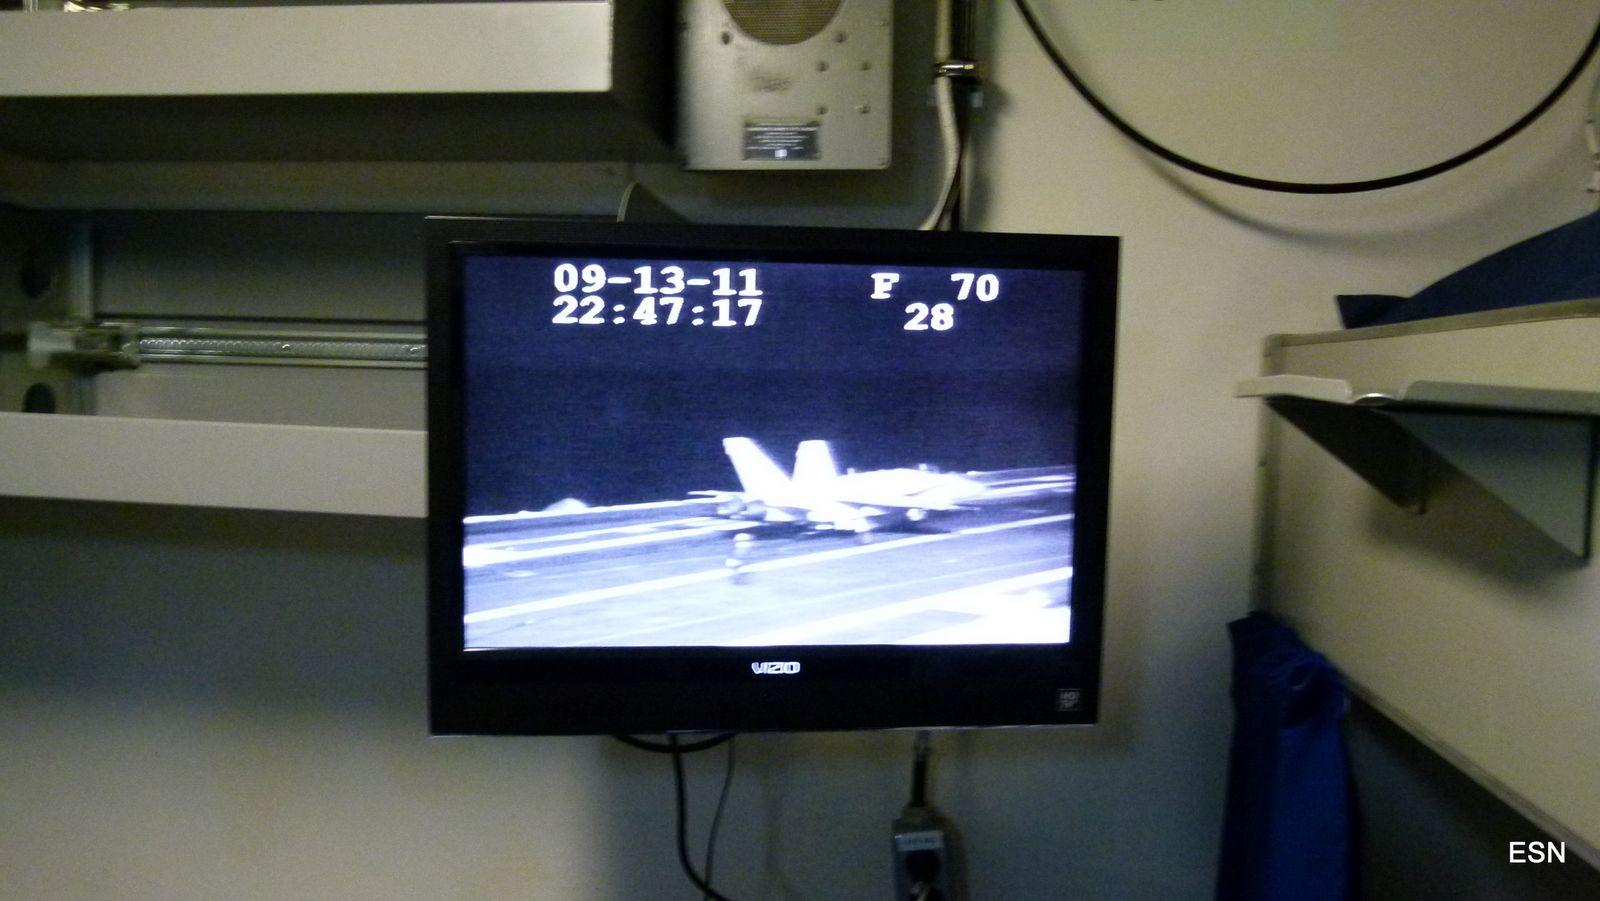 HDTV in my stateroom!